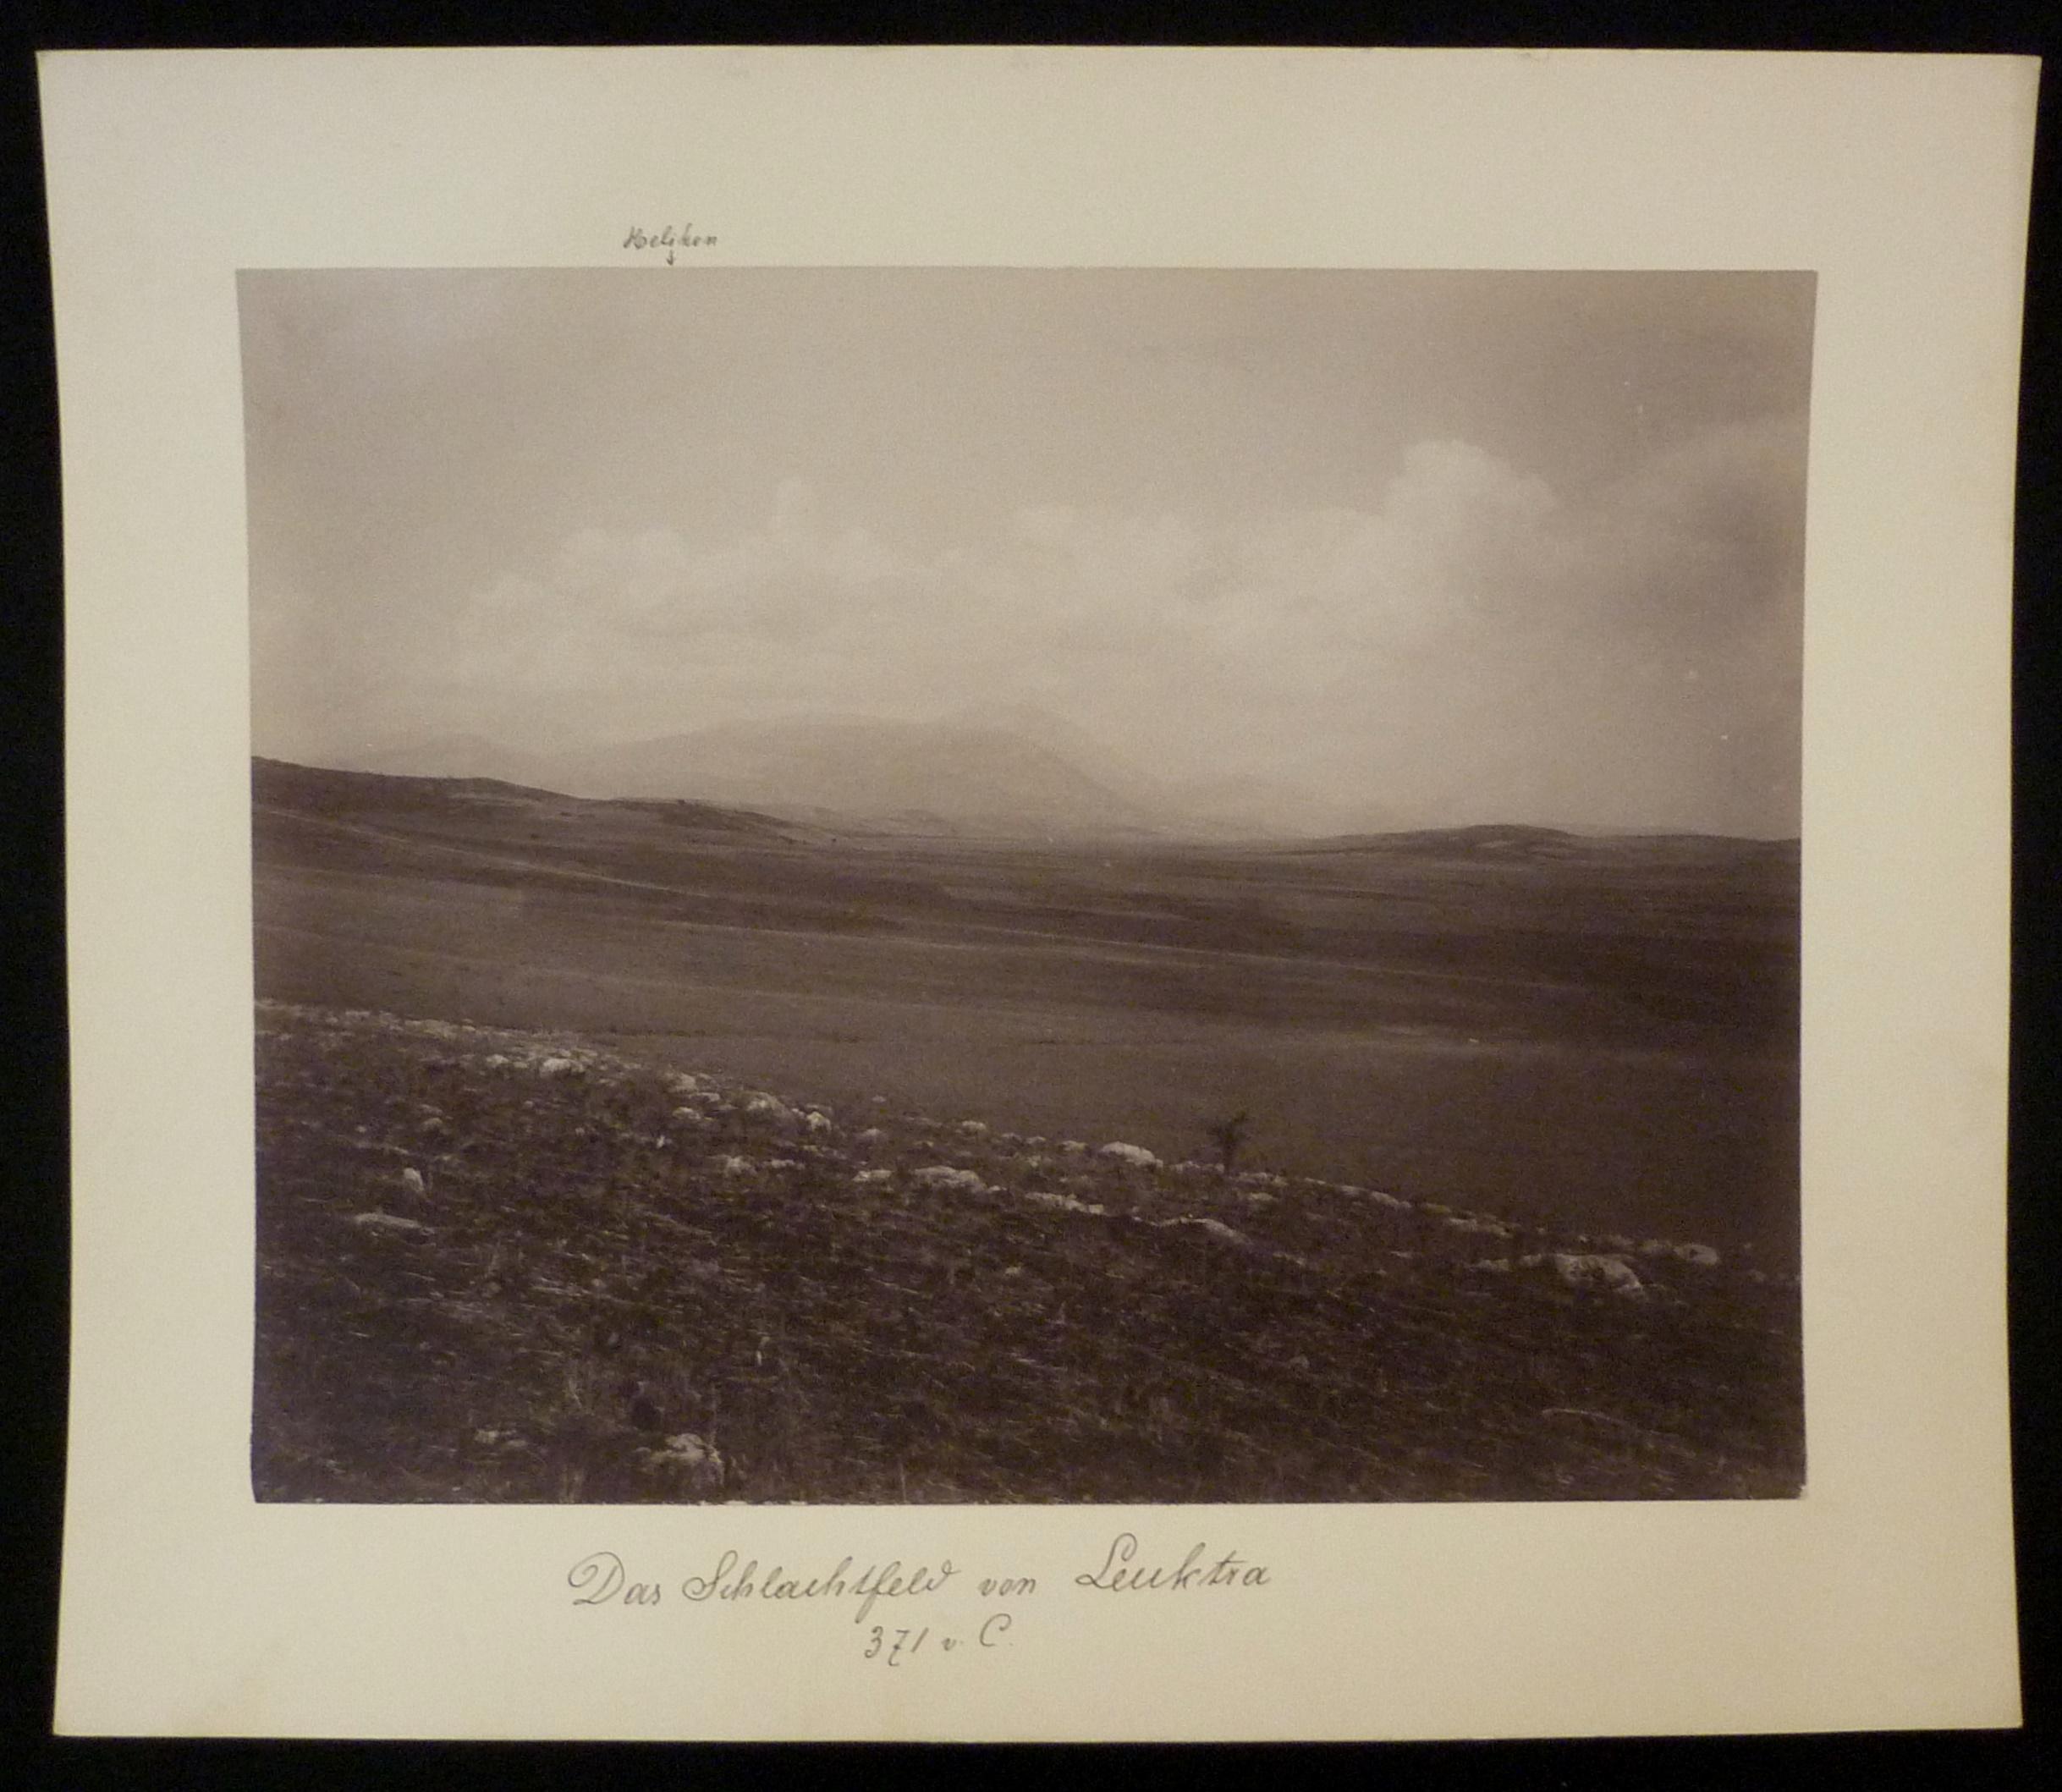 Hs. beschriftet: Das Schlachtfeld von Leuktra 371: Originalfotografien - Griechenland.